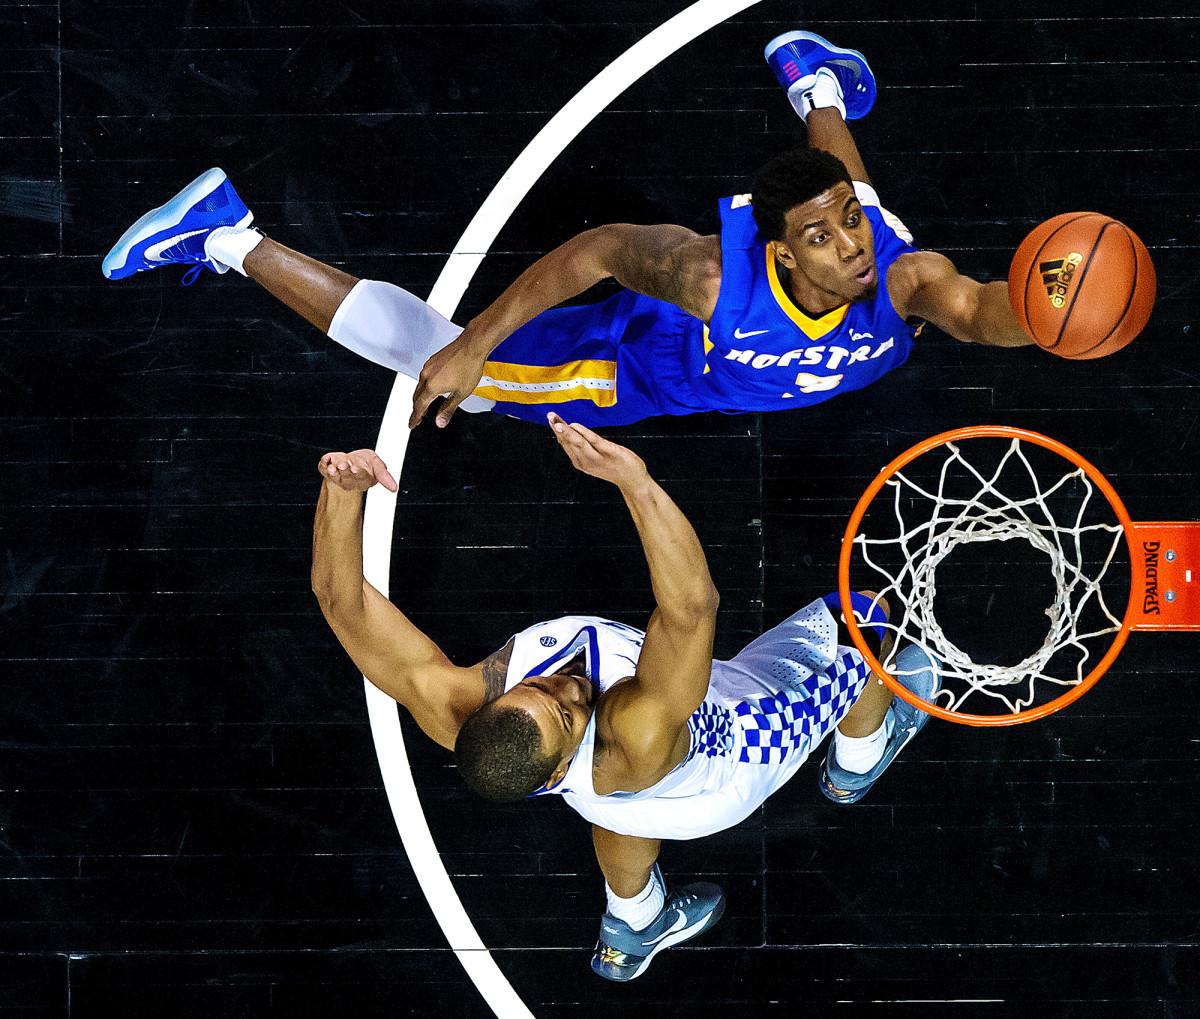 justin-wright-foreman-basket.jpg